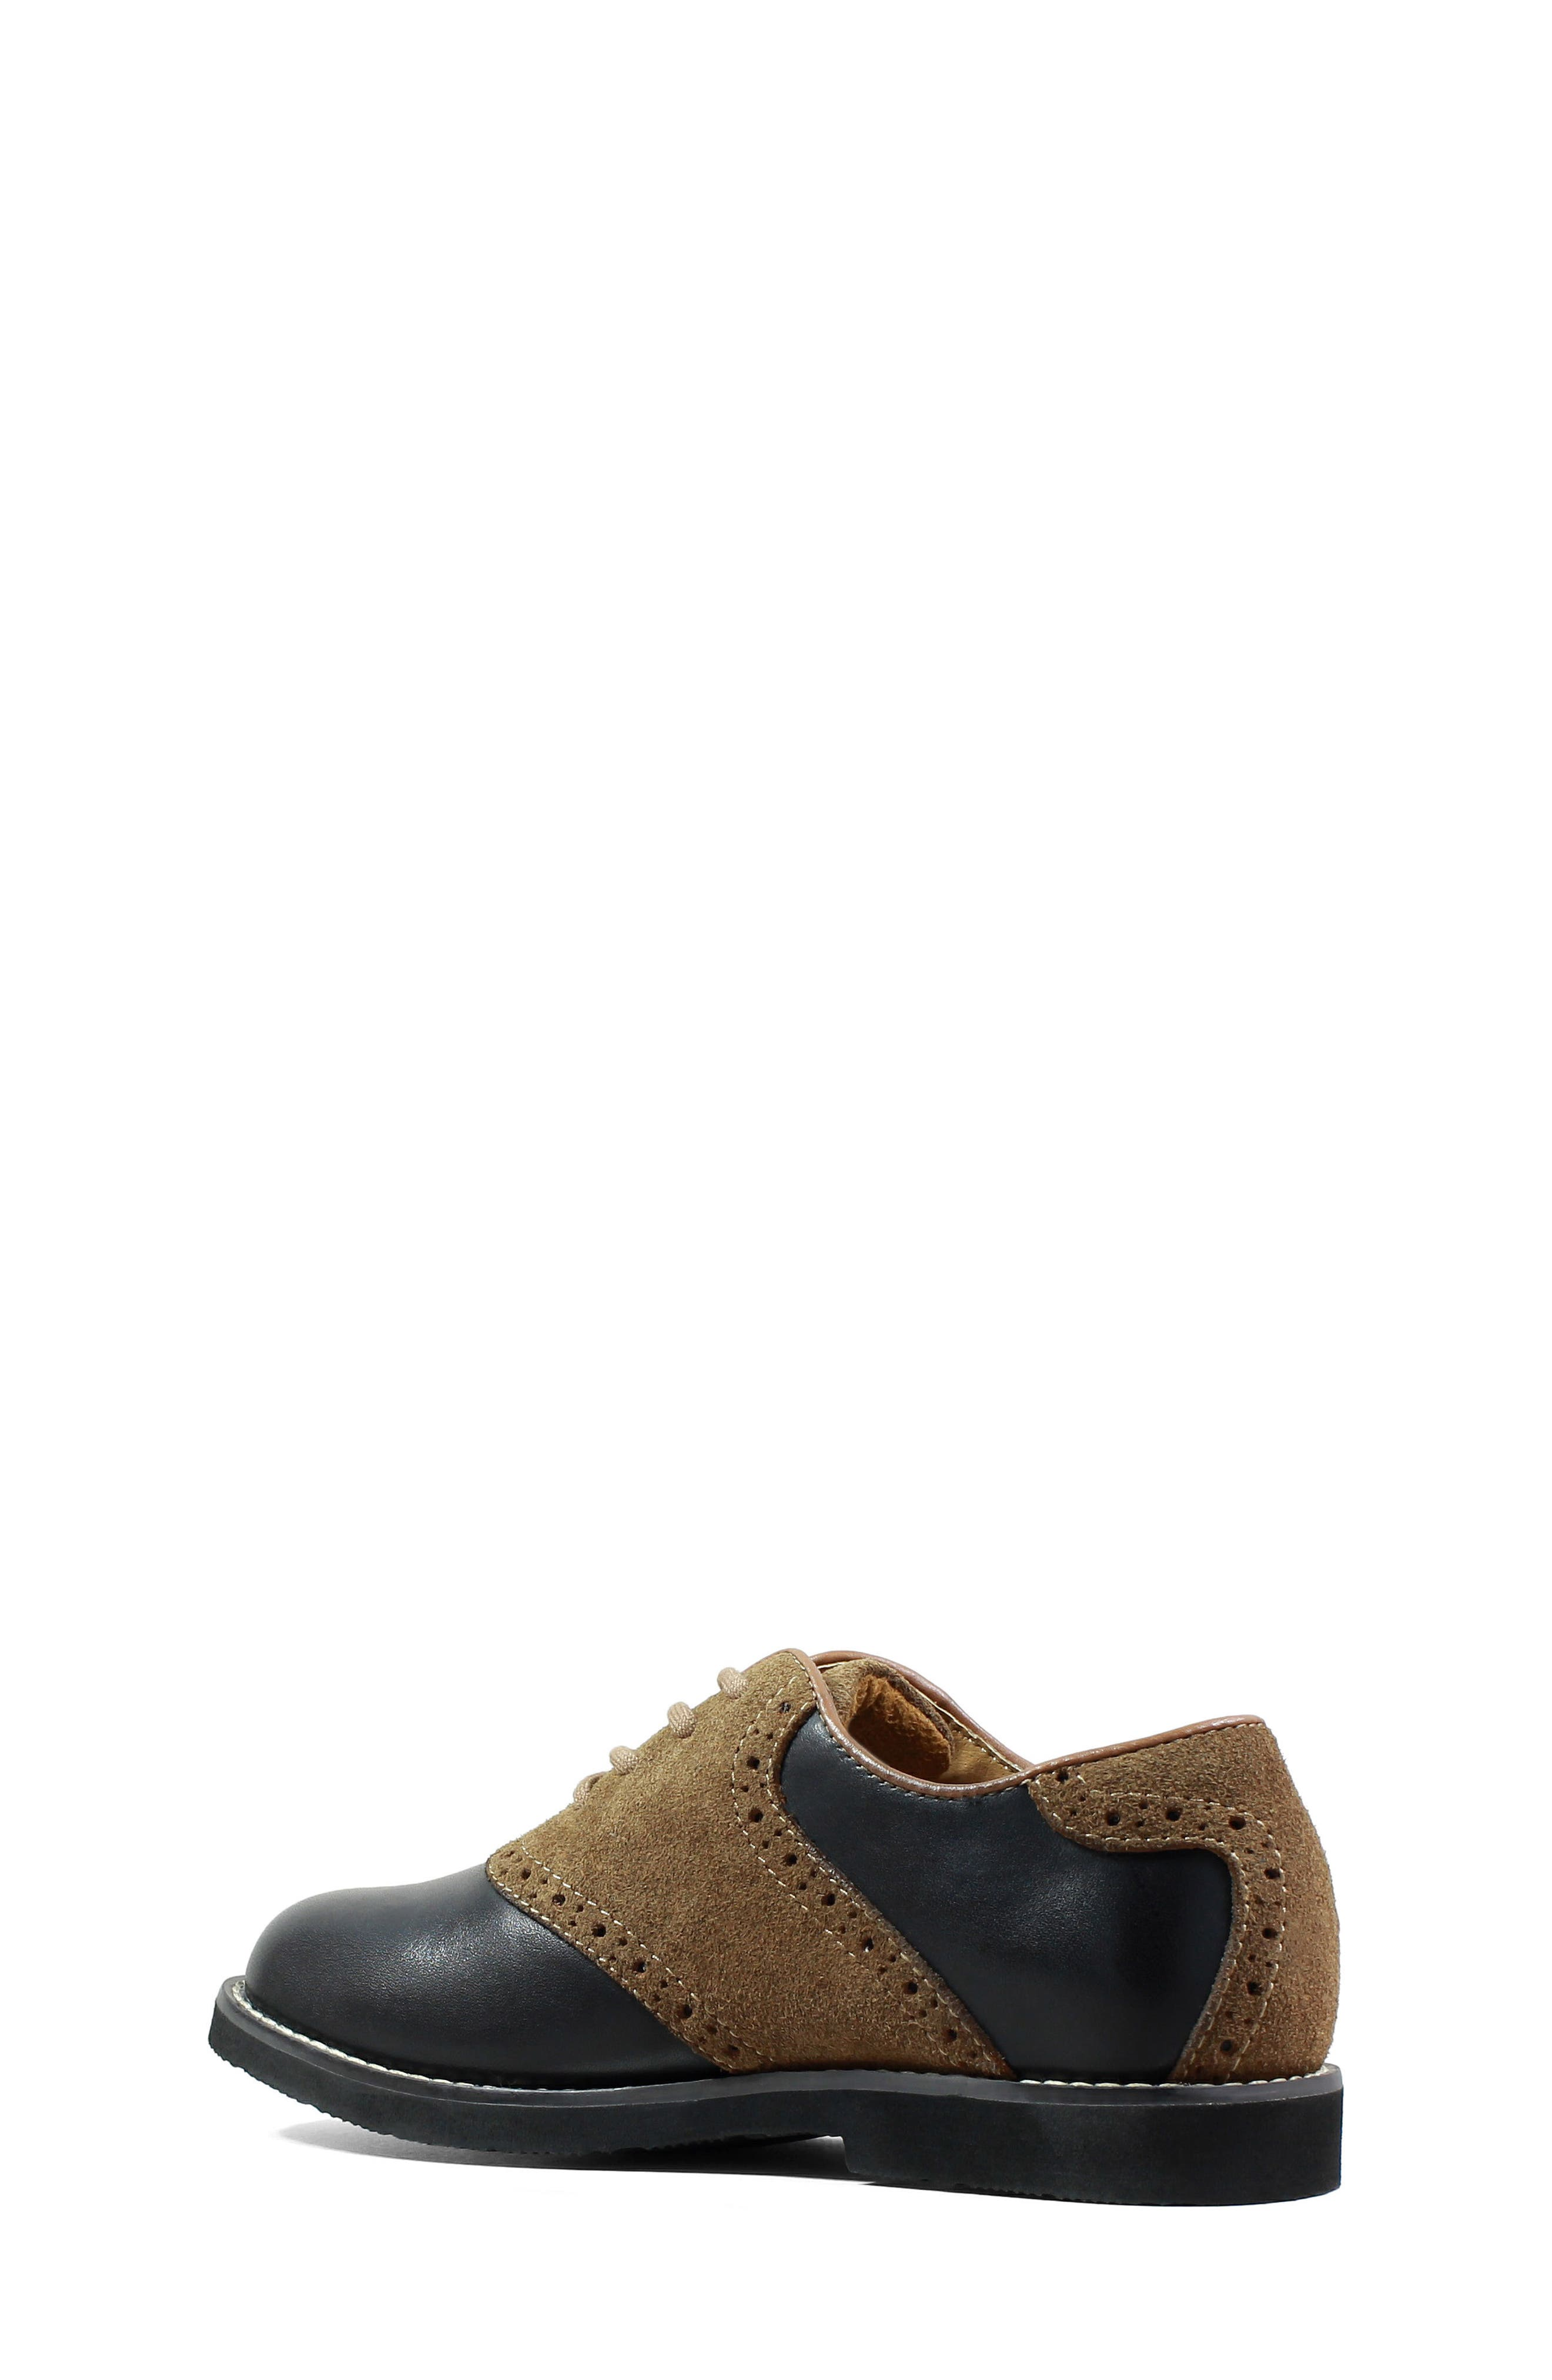 'Kennett Jr. II' Saddle Shoe,                         Main,                         color, SMOOTH BLACK W/ MOCHA SUEDE